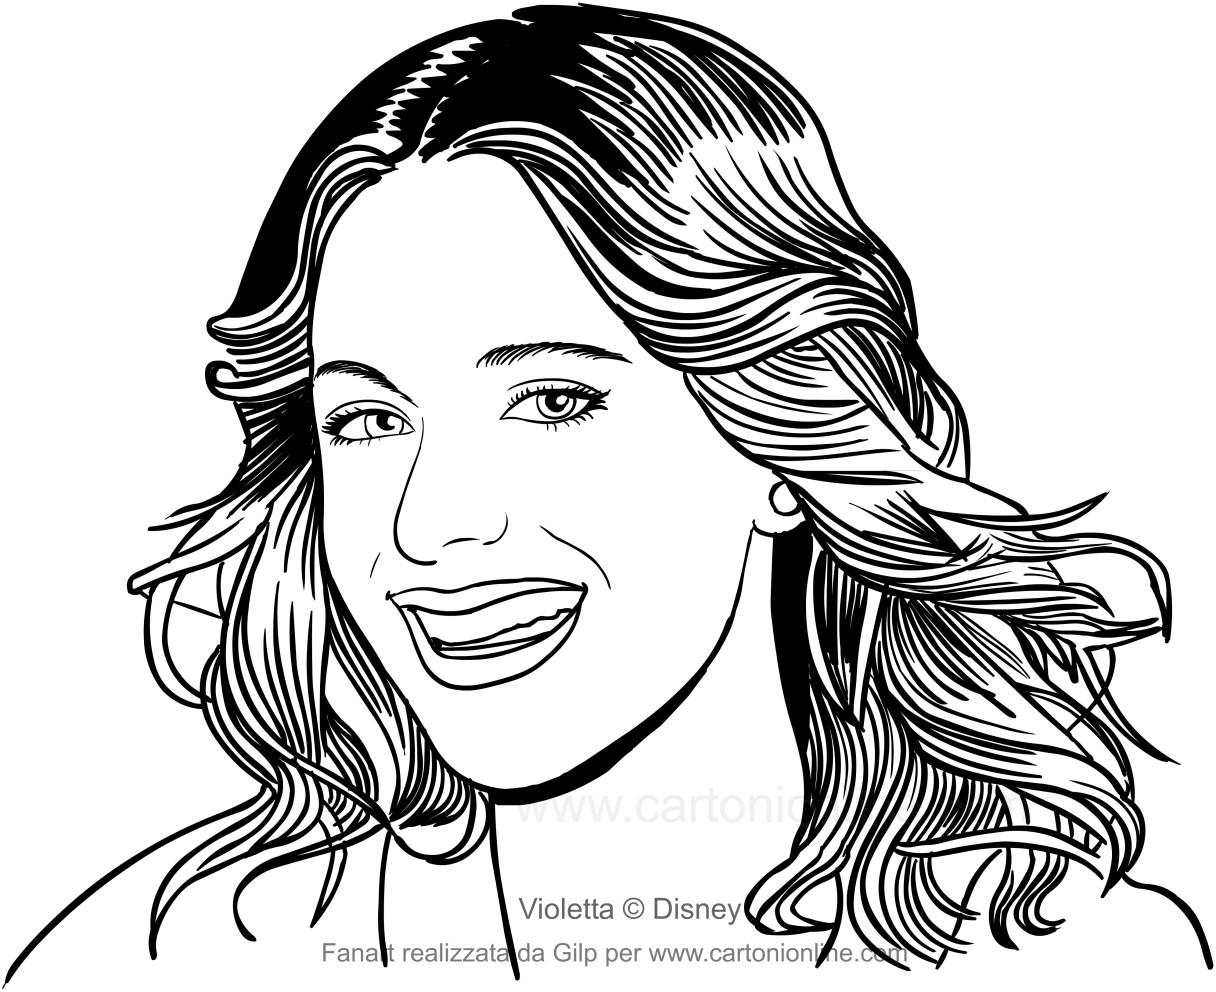 Disegno Di Violetta In Primo Piano Che Sorride Da Colorare